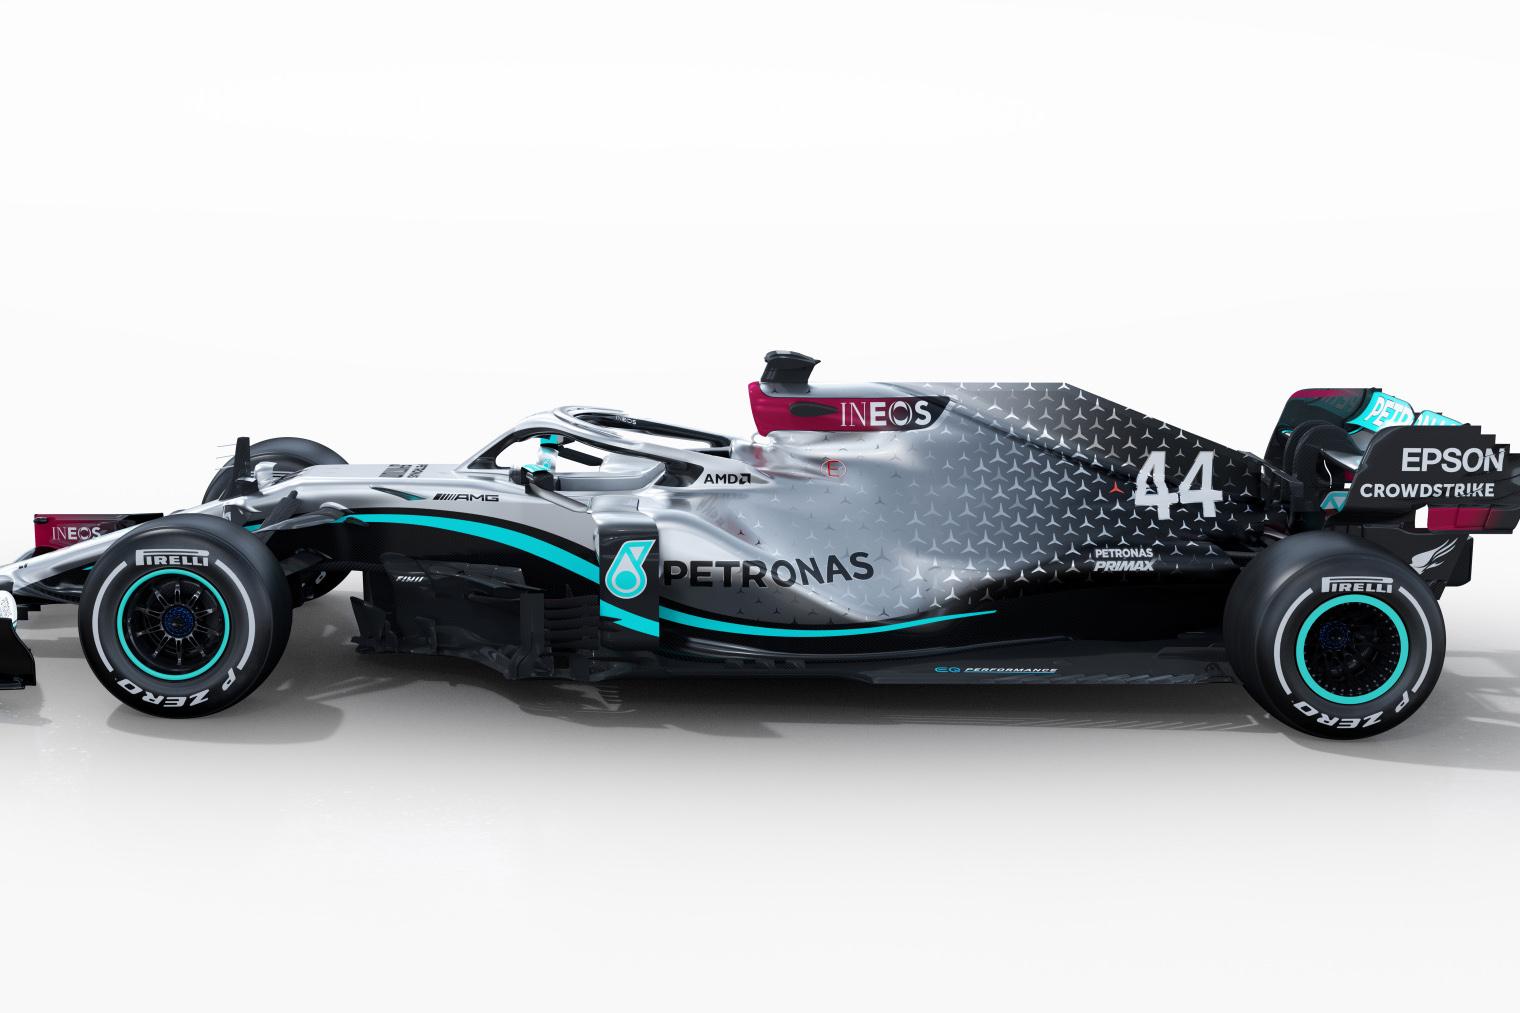 Mercedes Amg F1 W11 Eq Performance Render